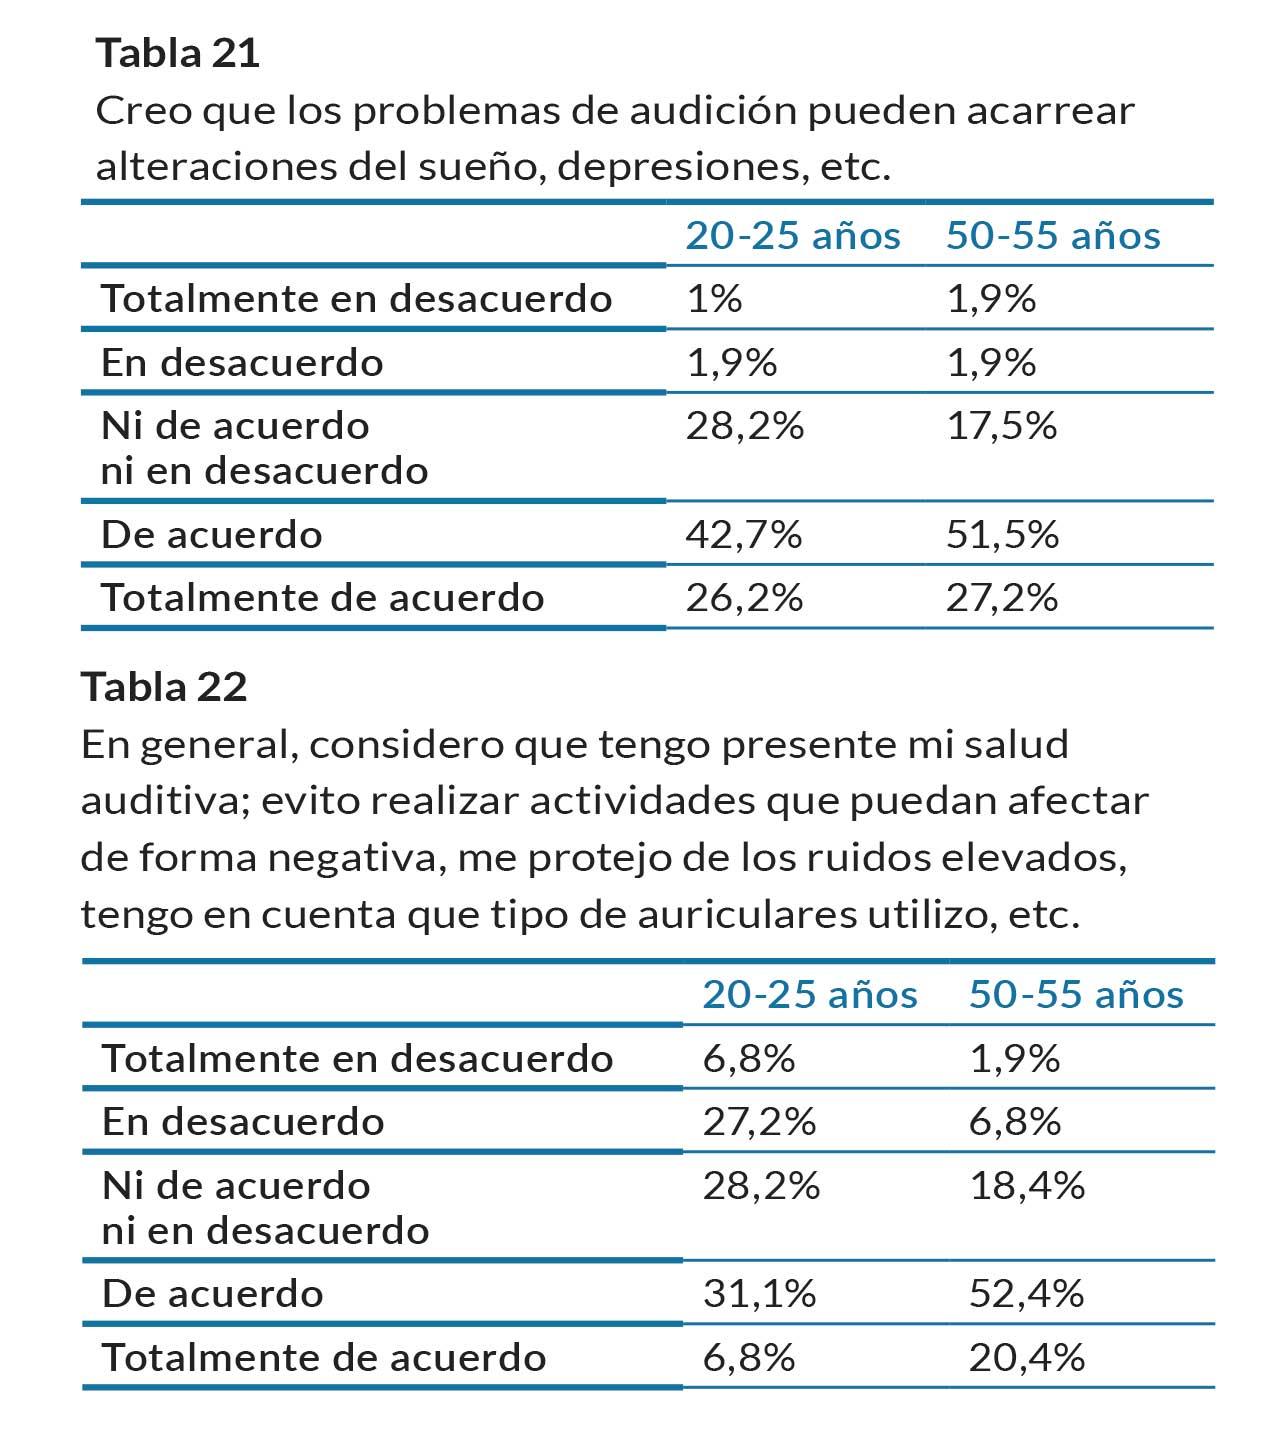 tablas21-22